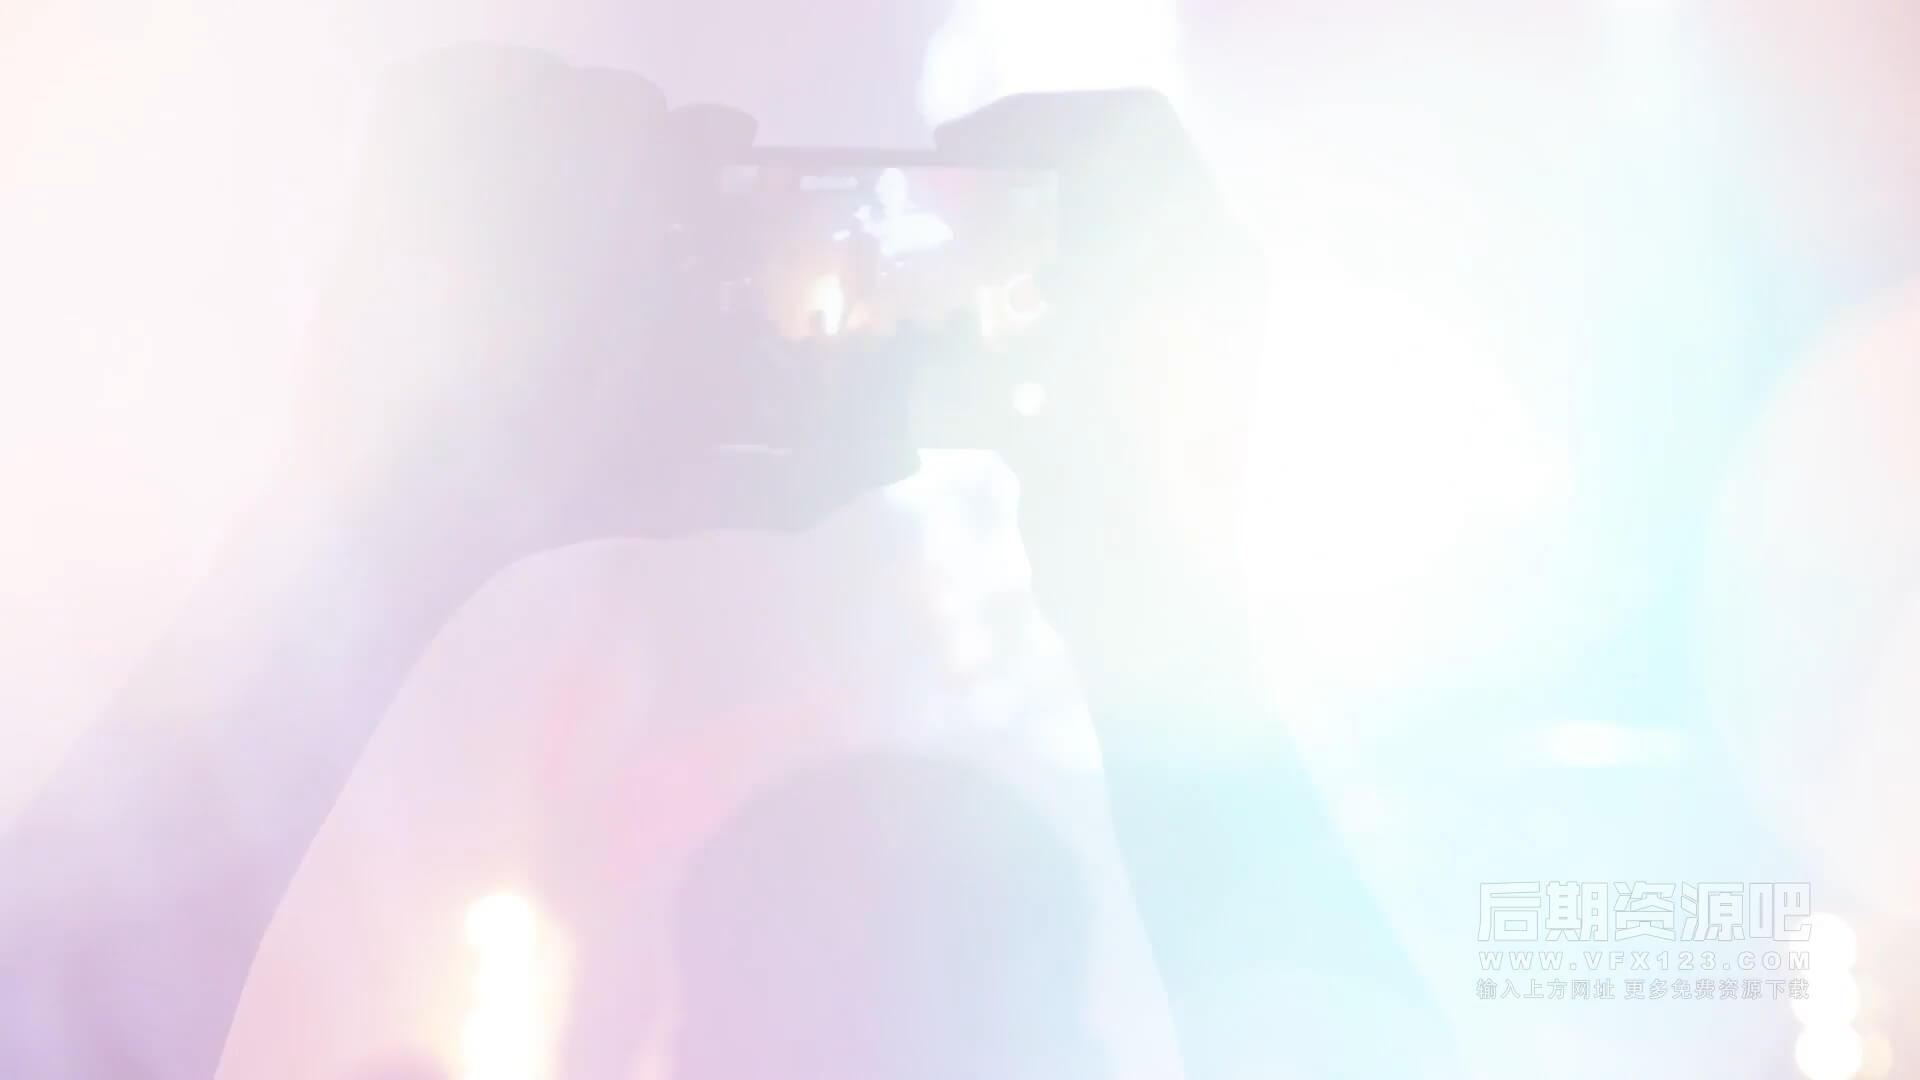 视频素材 140个4K镜头光晕漏光闪光效果转场 Real Light Transitions